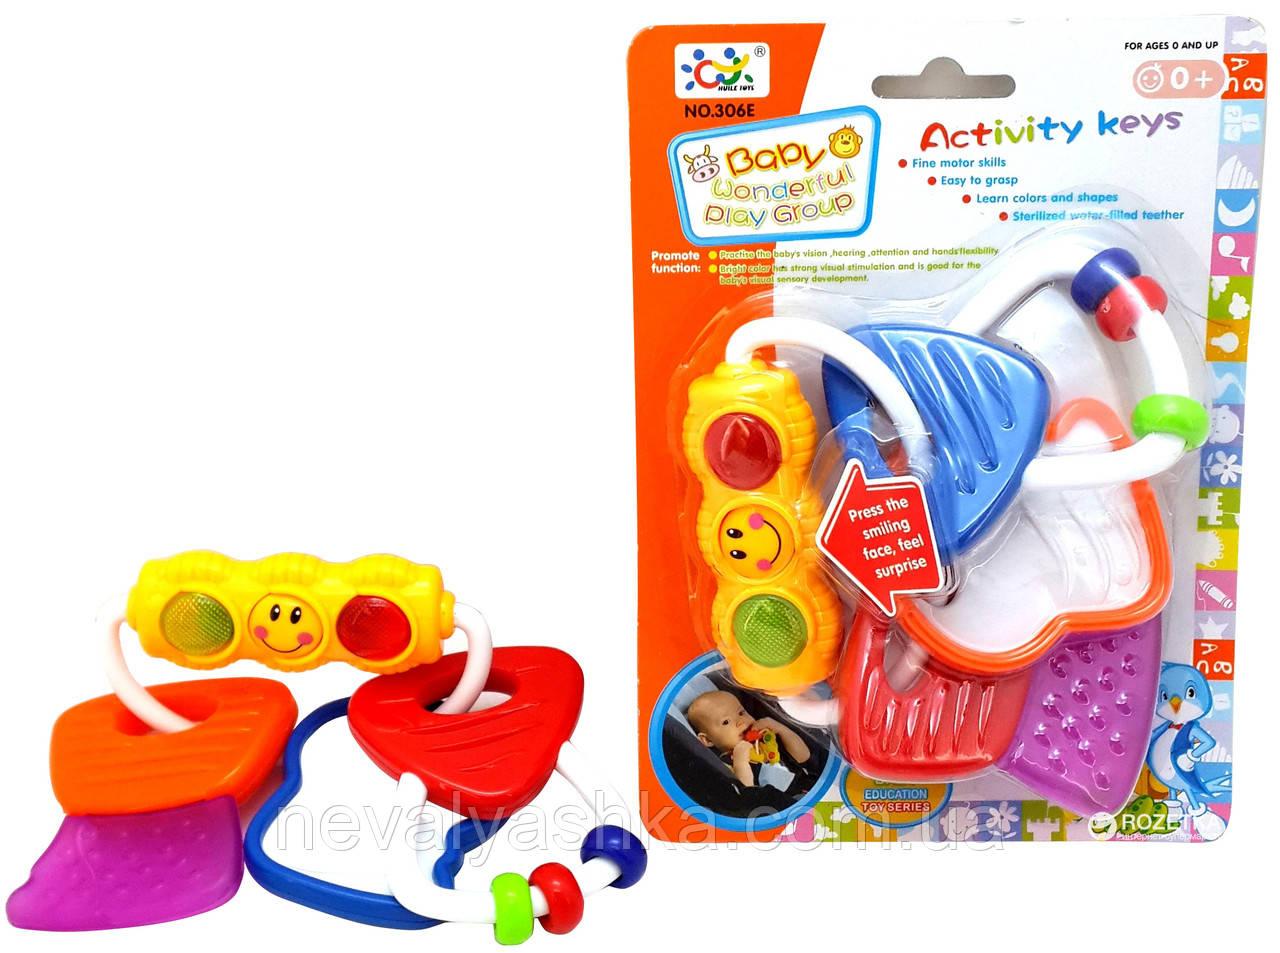 Развивающая Погремушка + Грызунок Светофор Свет, Huile Toys, 306 E, 001681